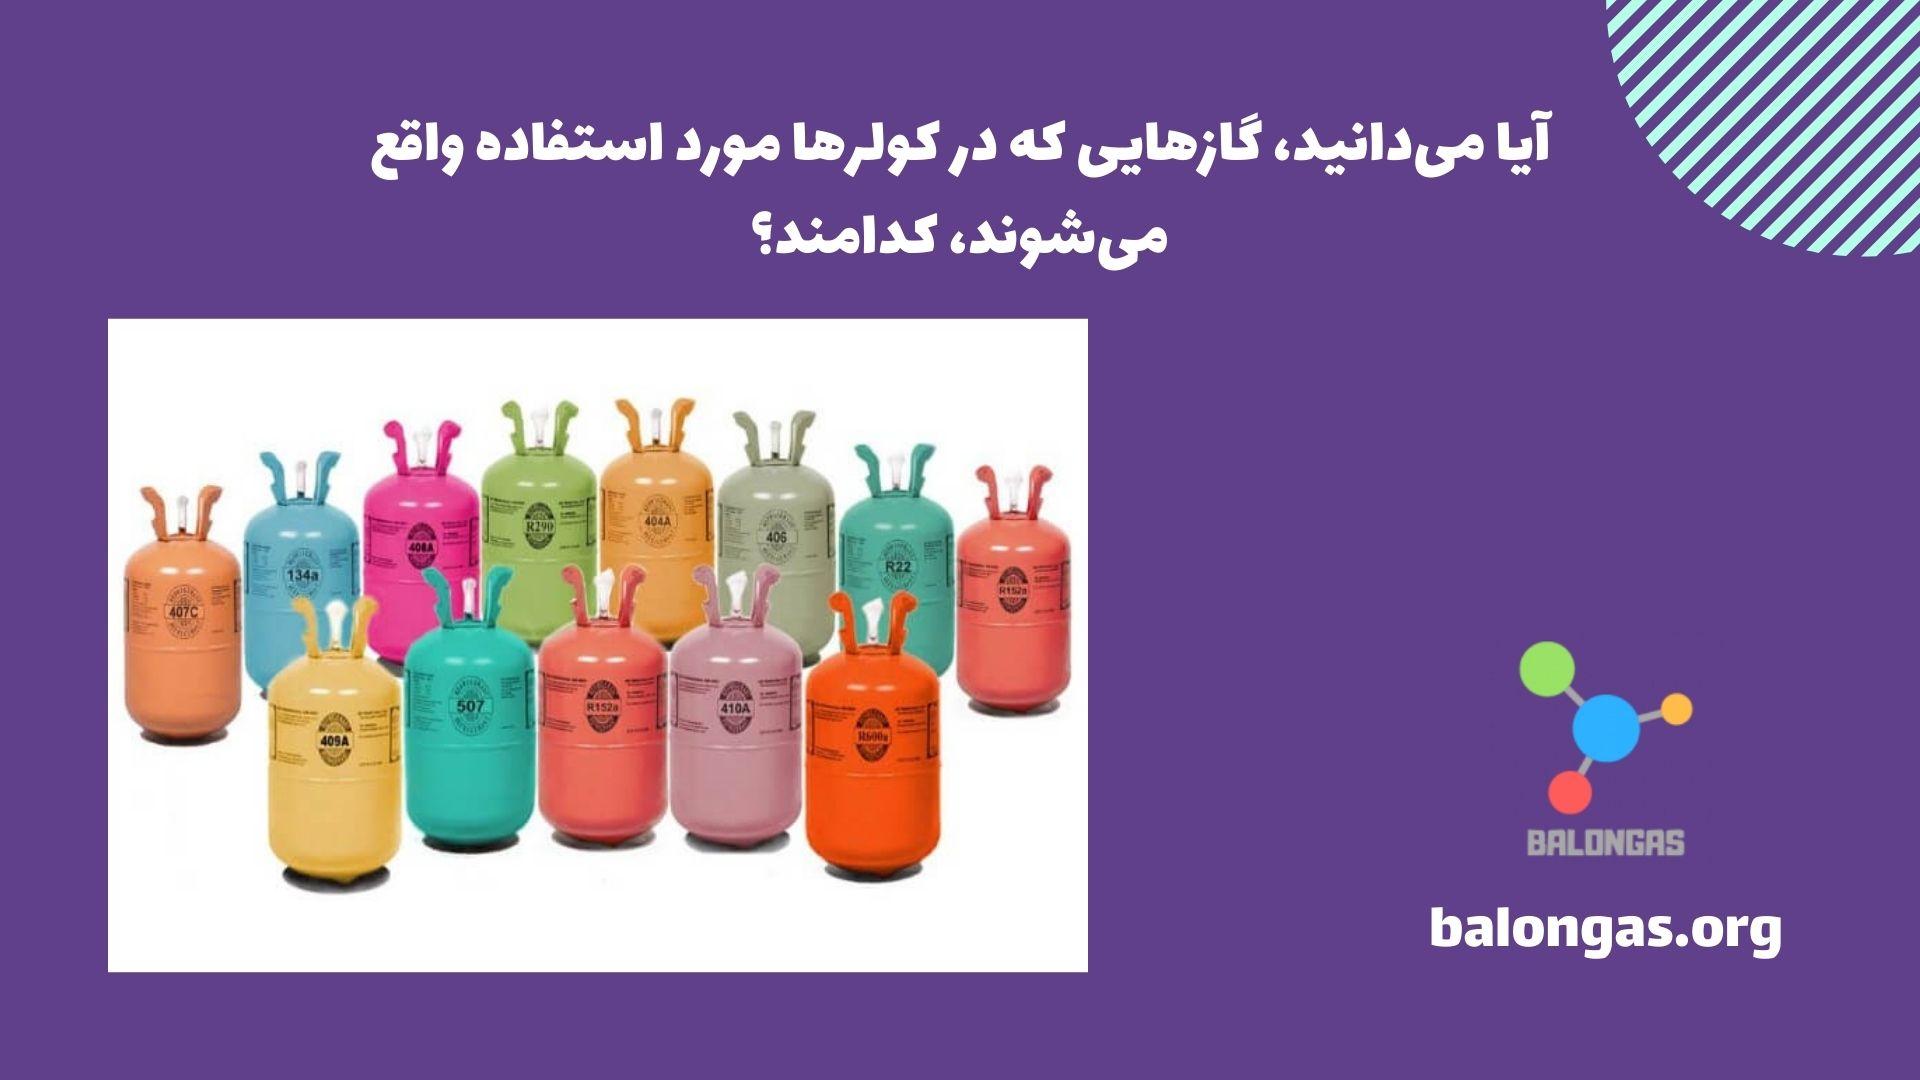 آیا میدانید، گازهایی که در کولرها مورد استفاده واقع میشوند، کدامند؟